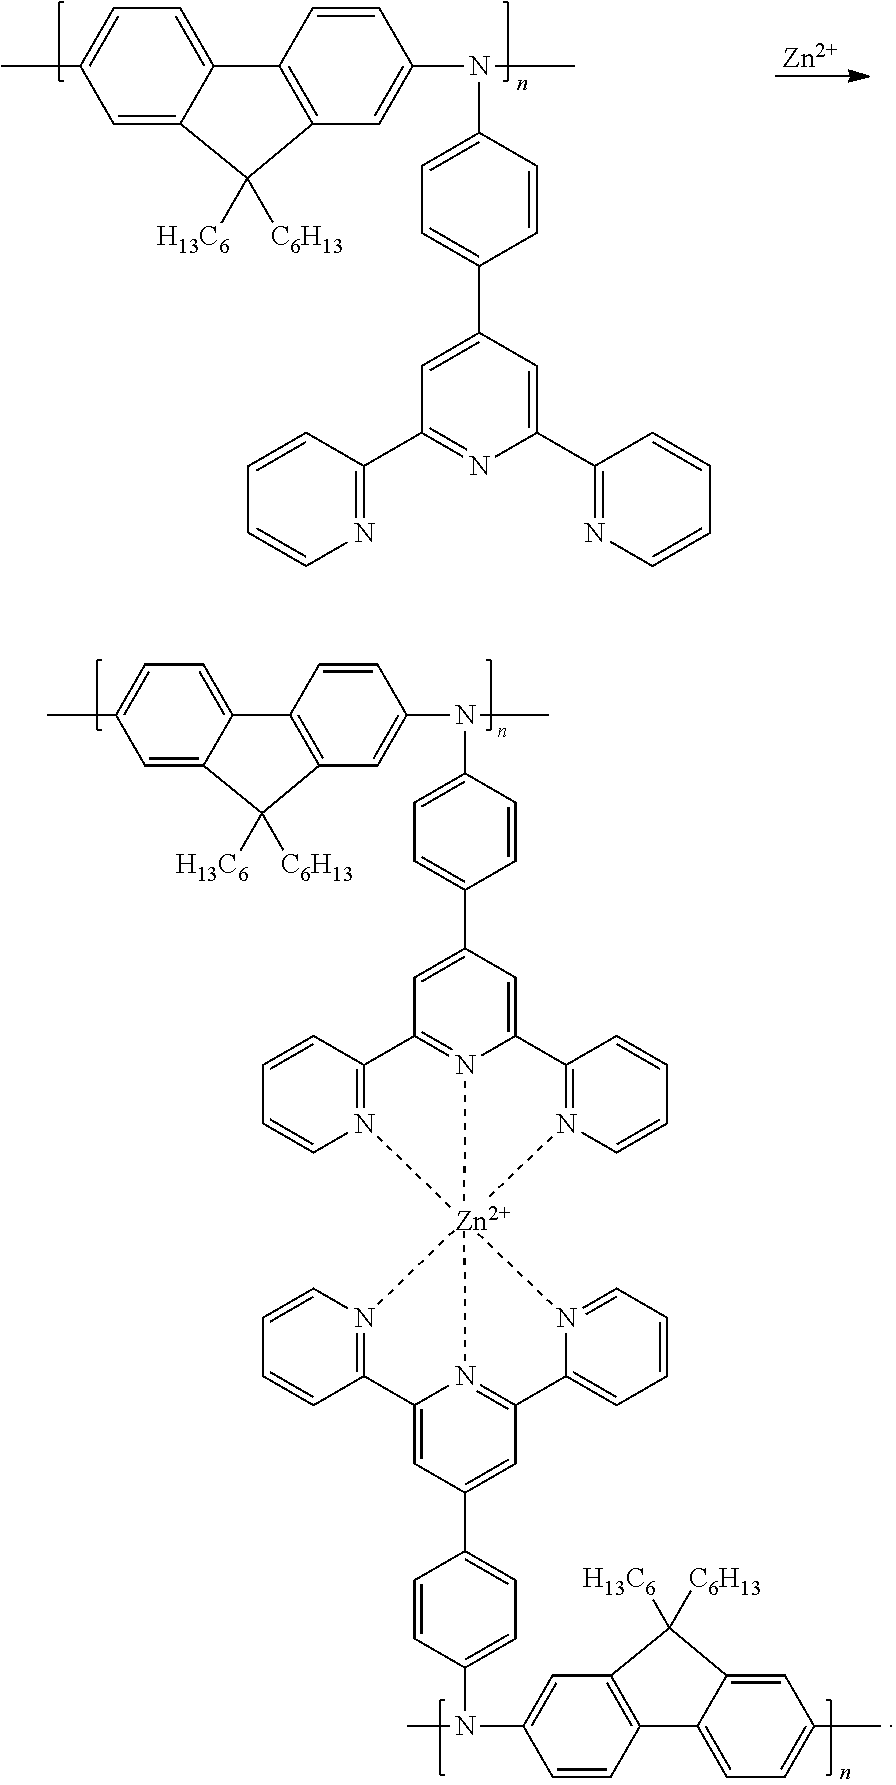 Figure US20110006272A1-20110113-C00016